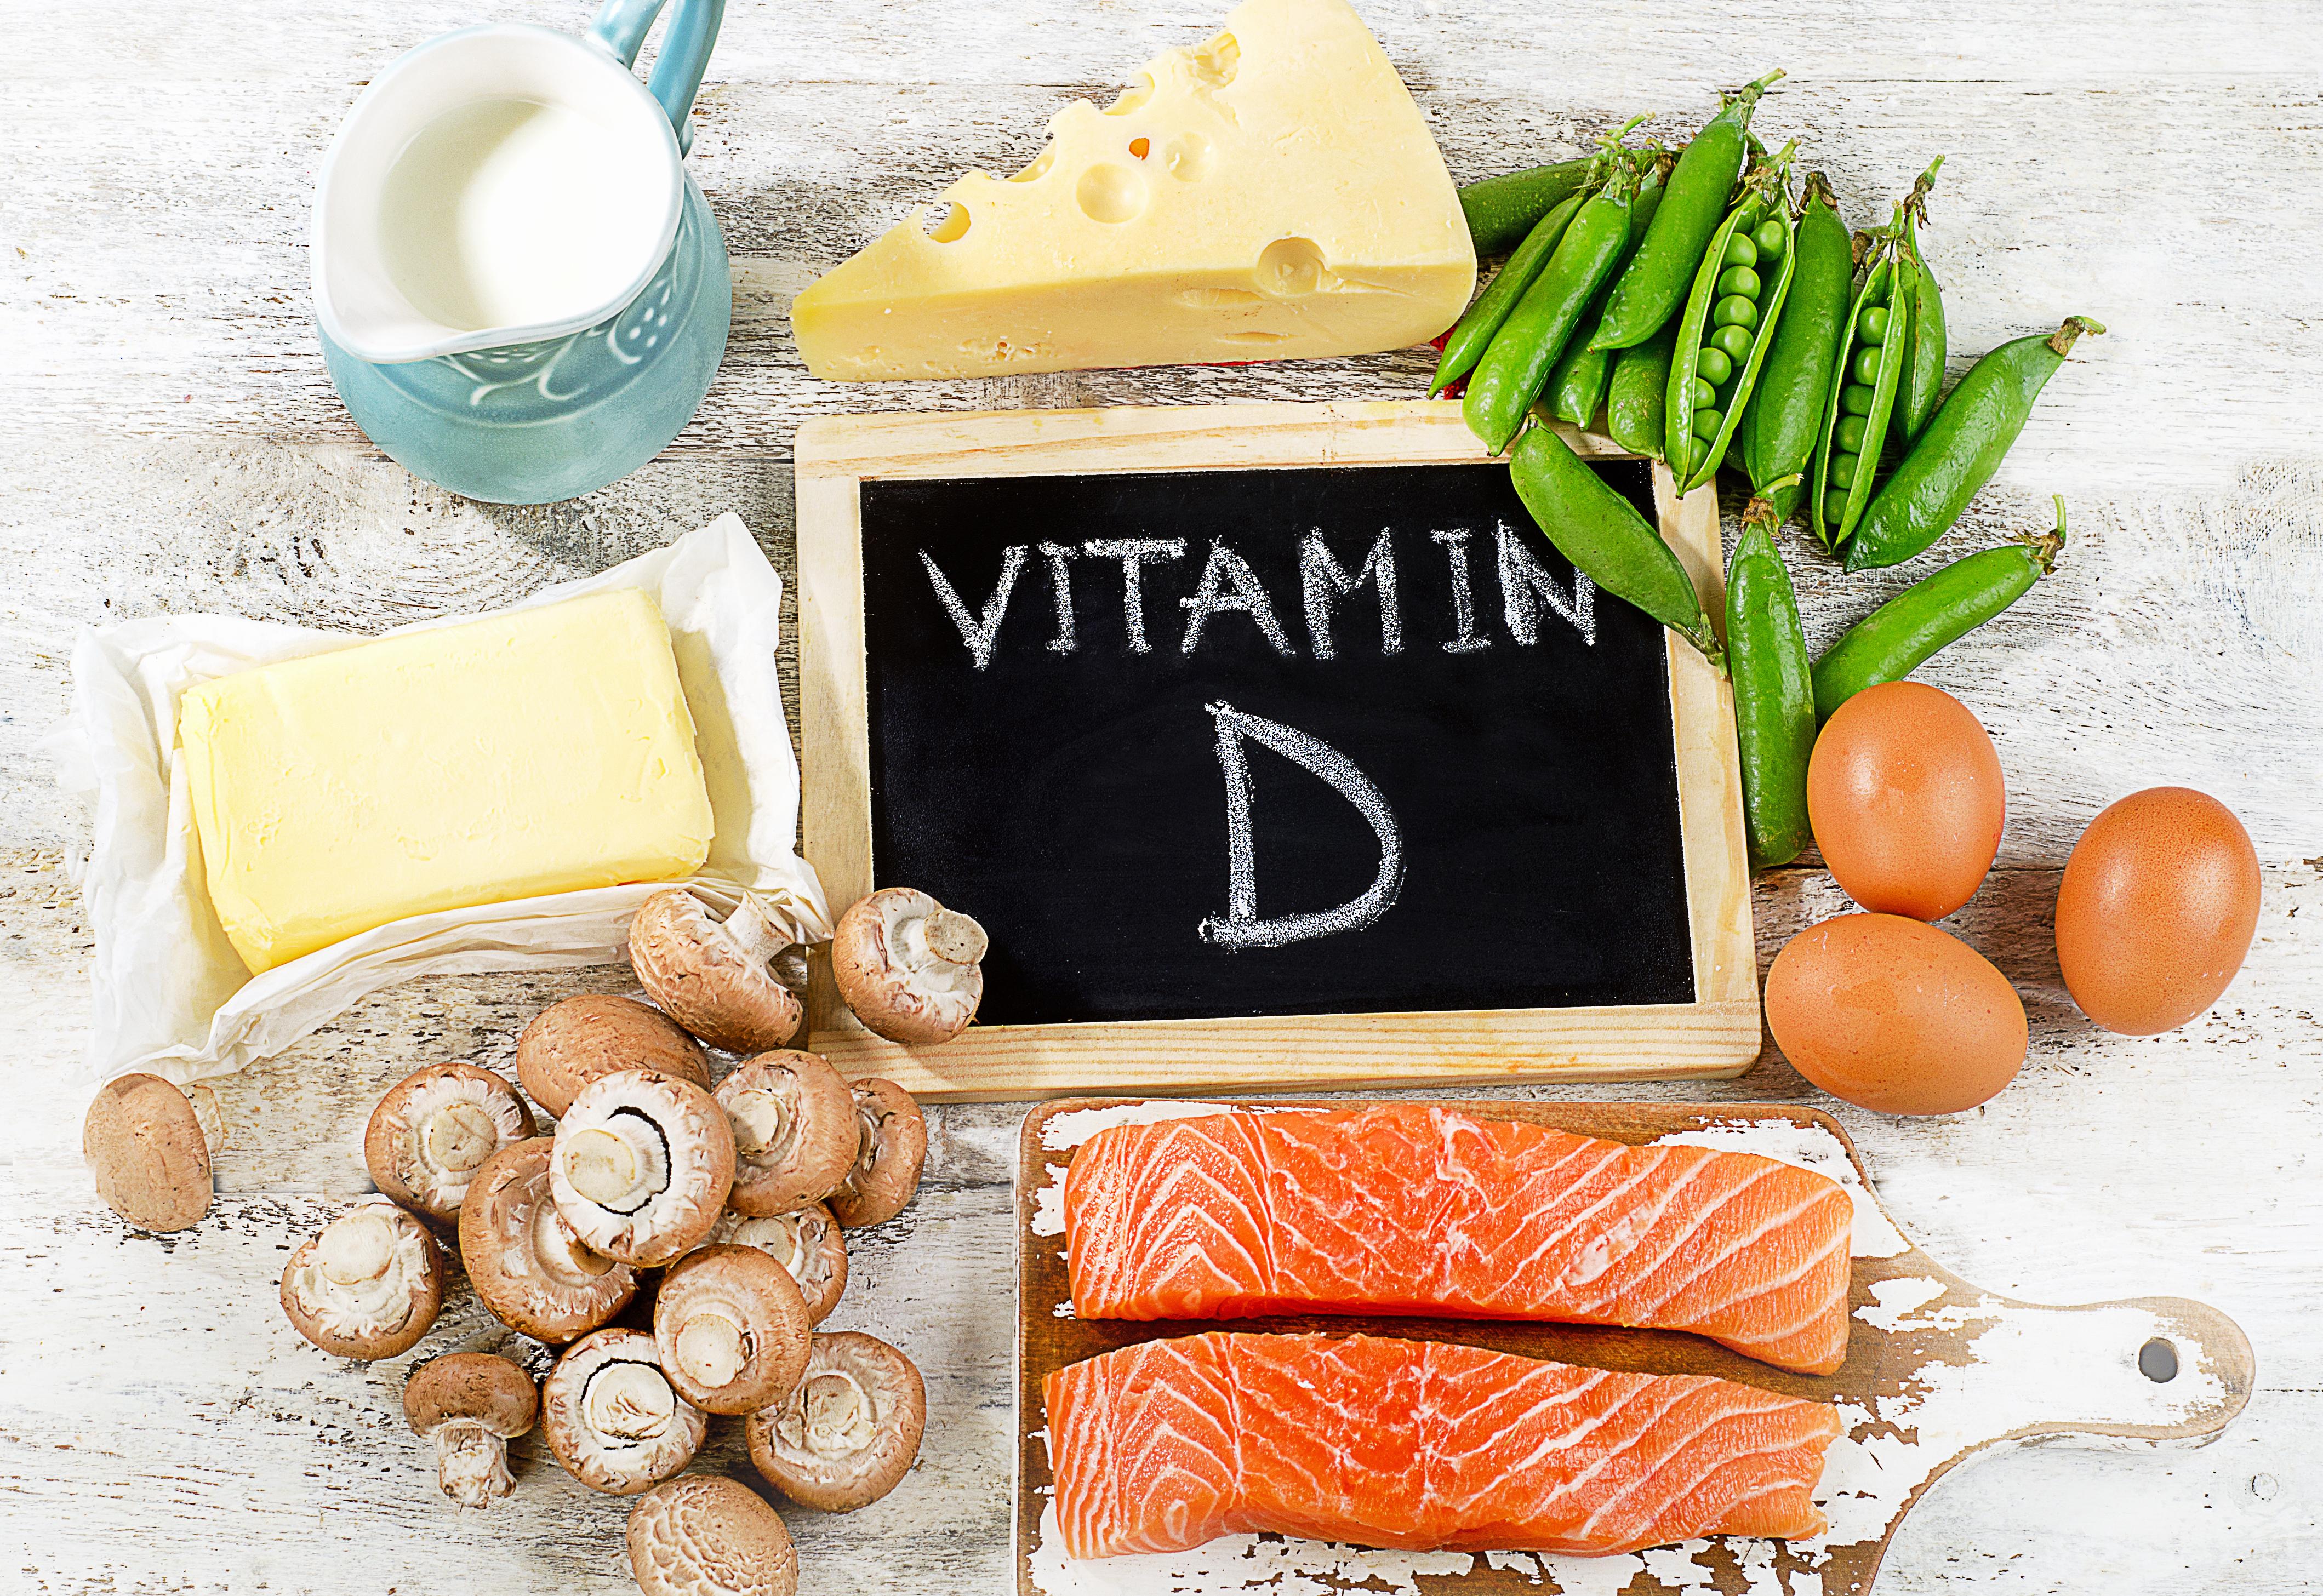 Fler sorters mjölkprodukter, vegetabiliska drycker som till exempel havredryck samt matfetter omfattas av de nya reglerna och dessutom höjs vitaminnivåerna i flera produkter jämfört med tidigare.